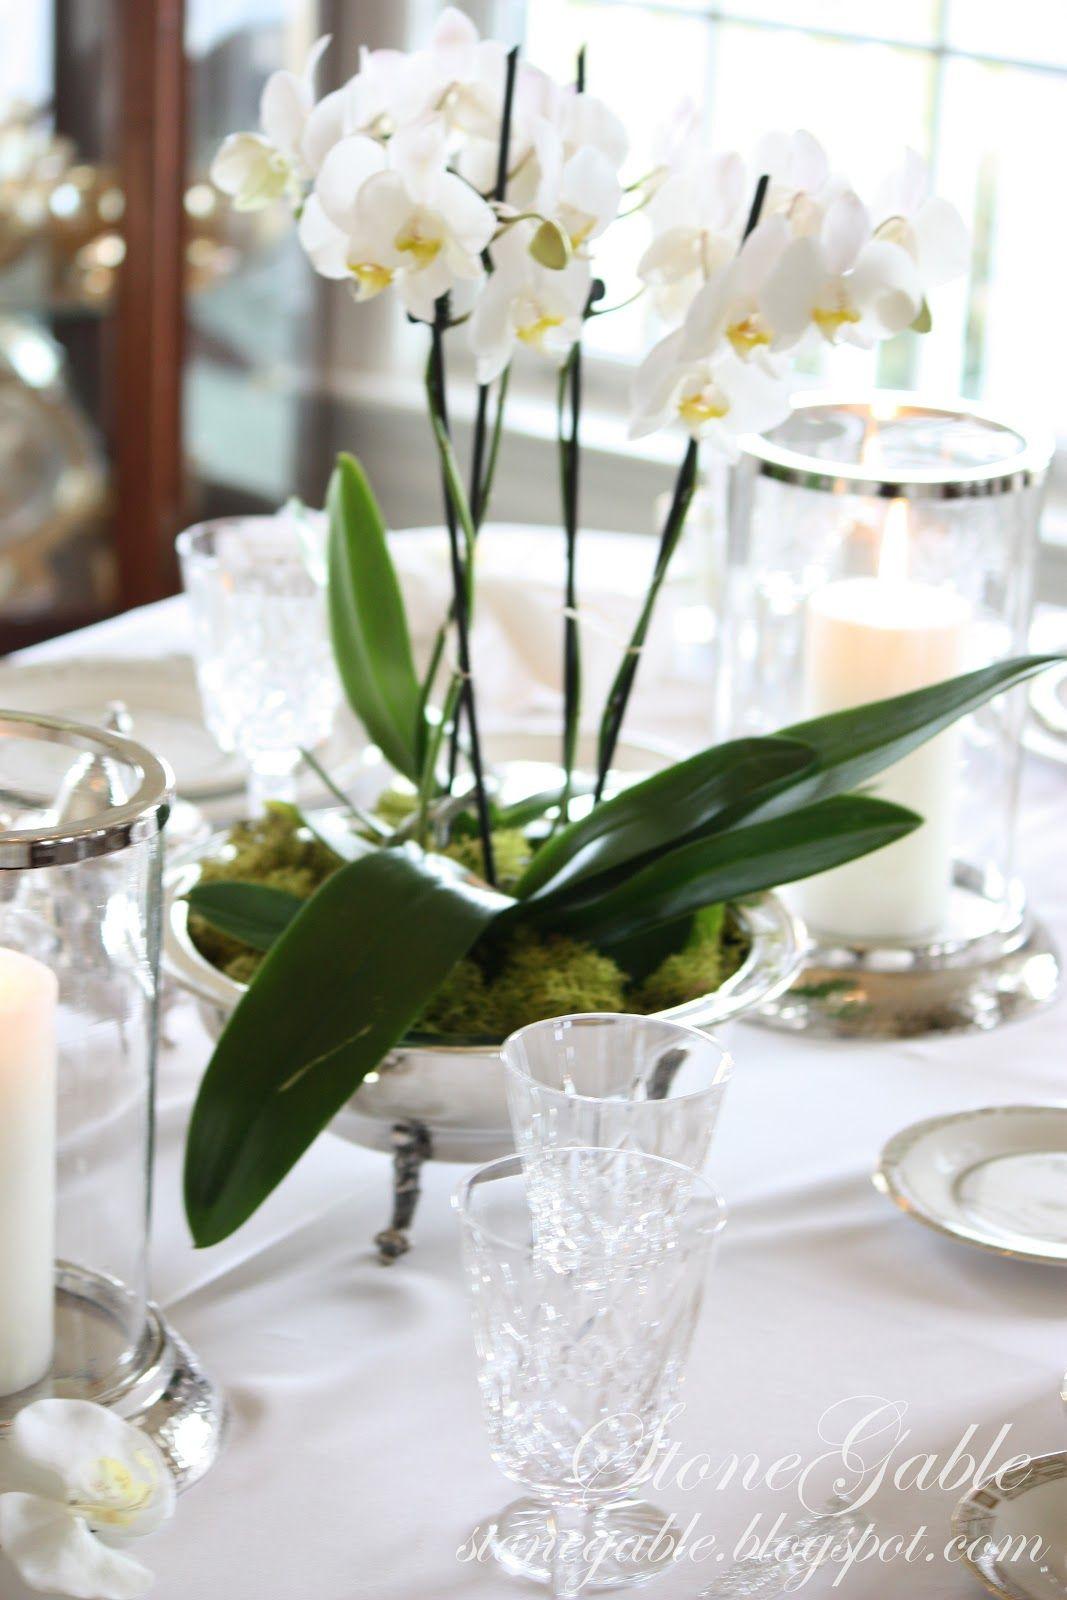 Plantas vivas , flores e temperos na decoração de casamento ...